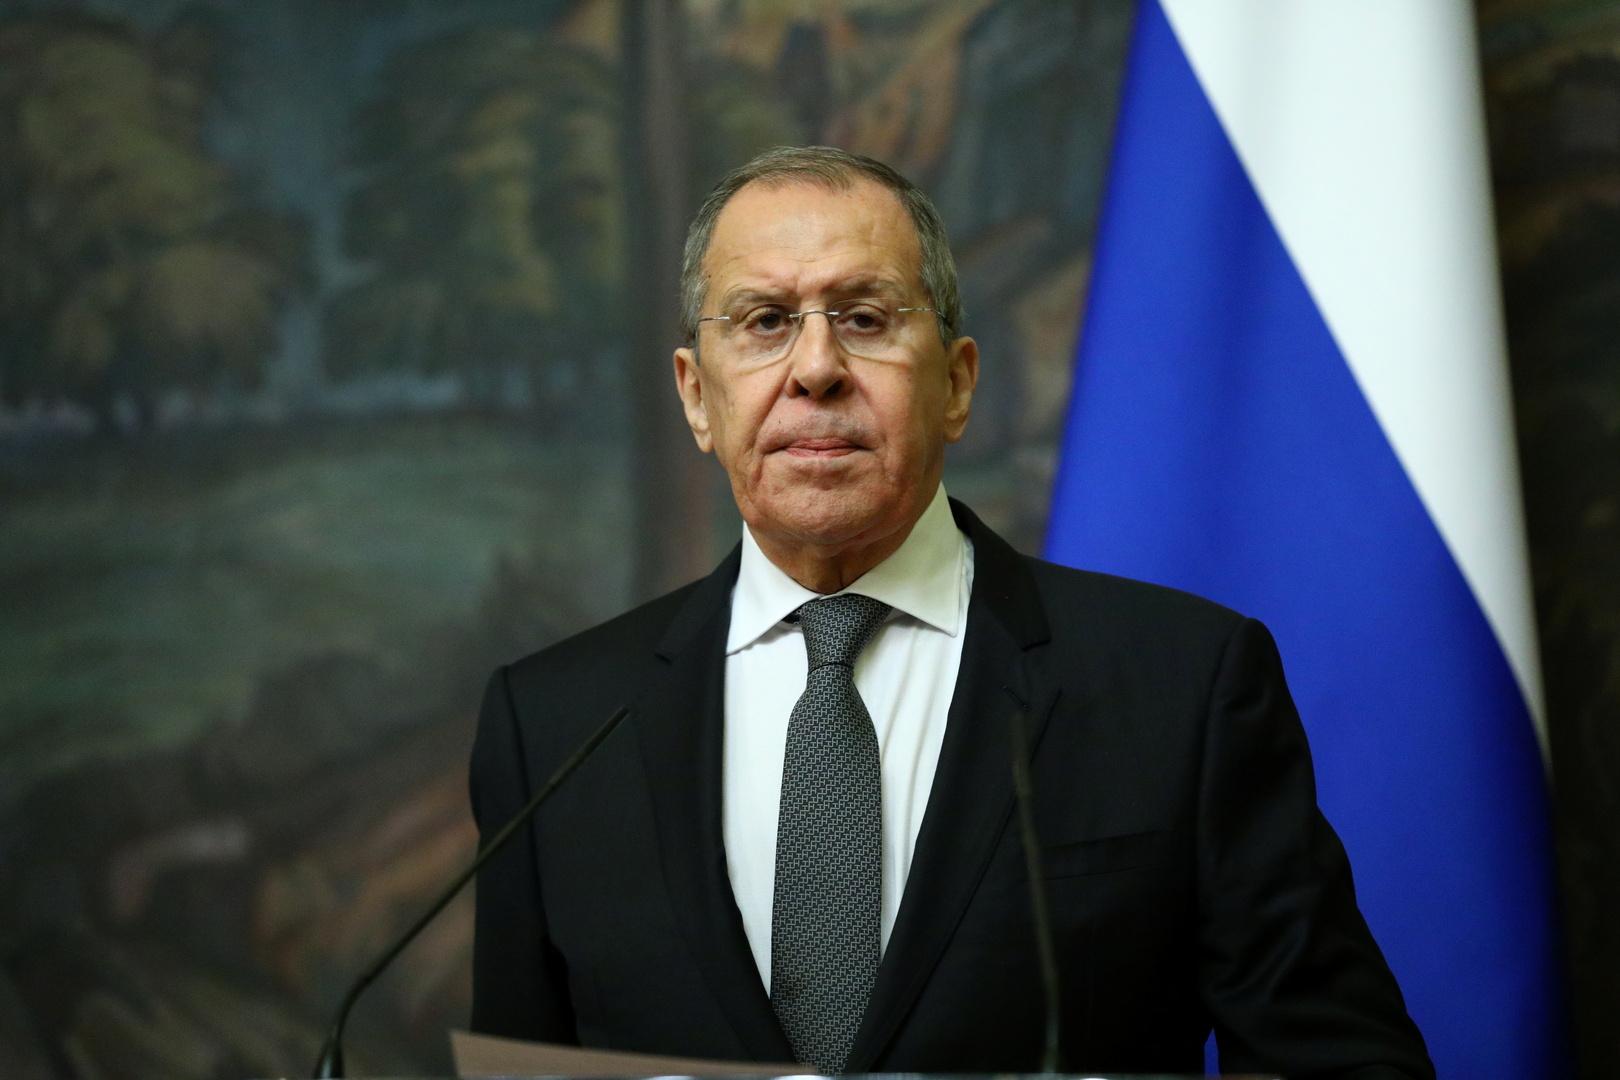 لافروف: التطبيع بين إسرائيل وجيرانها يجب أن يساعد في التسوية الشاملة